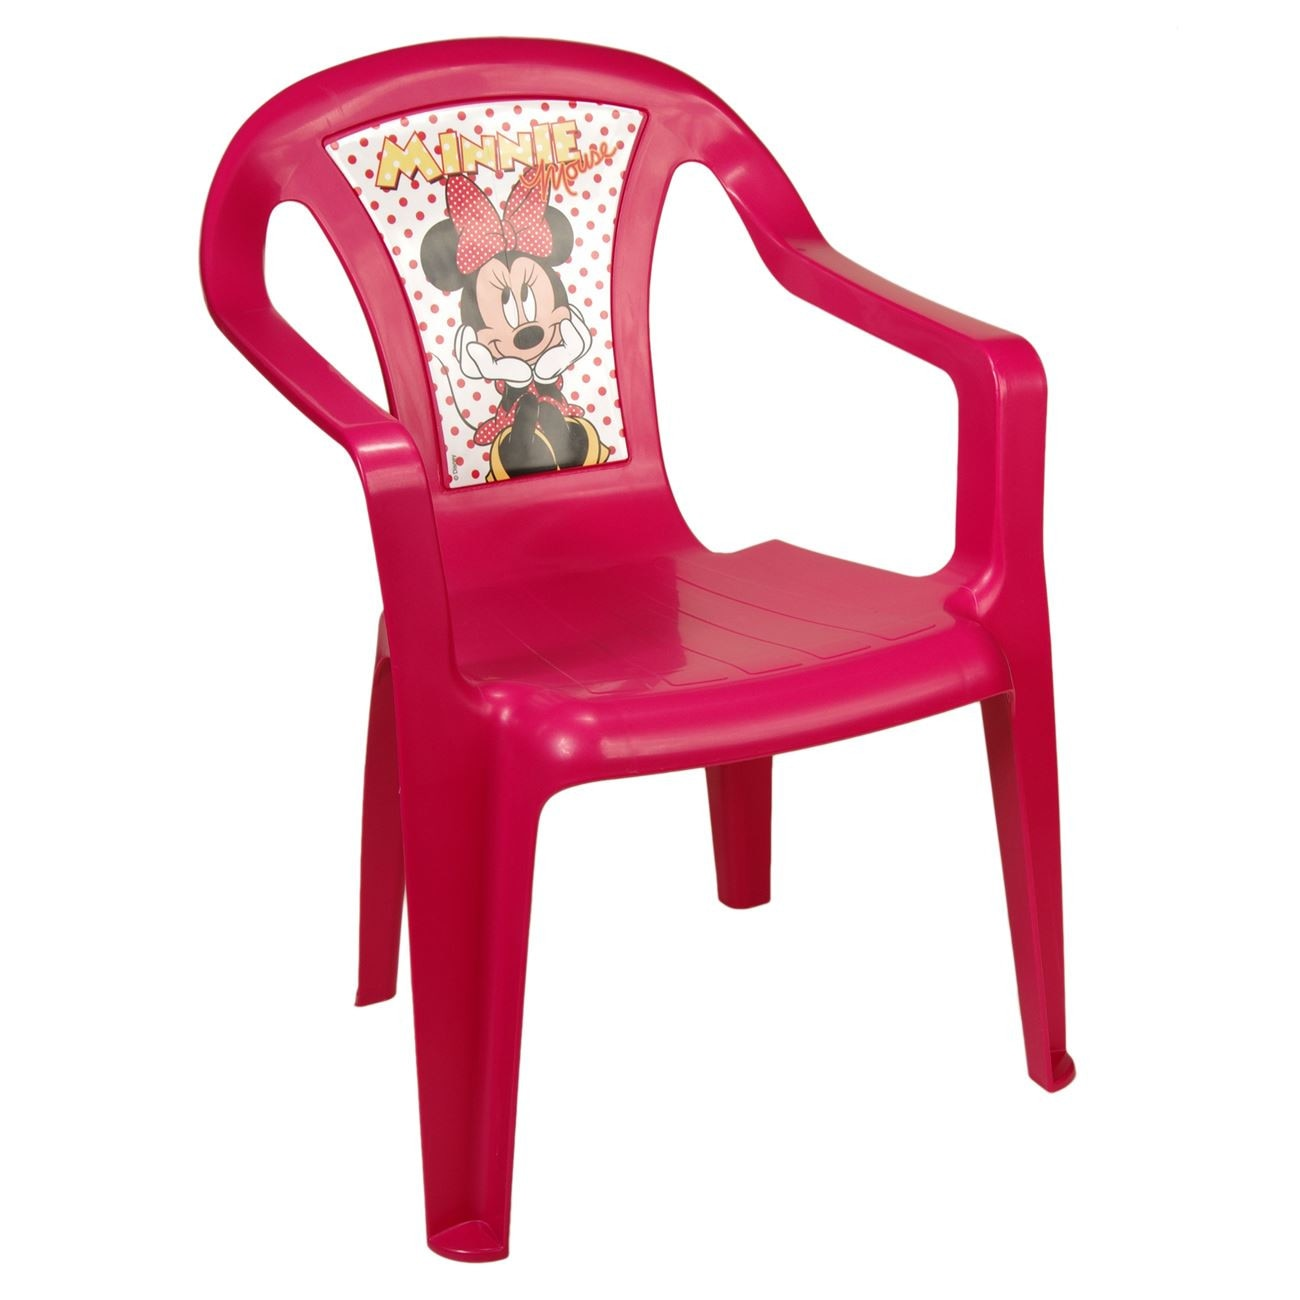 scaun pentru copii negi papilom condilom fibrom moale